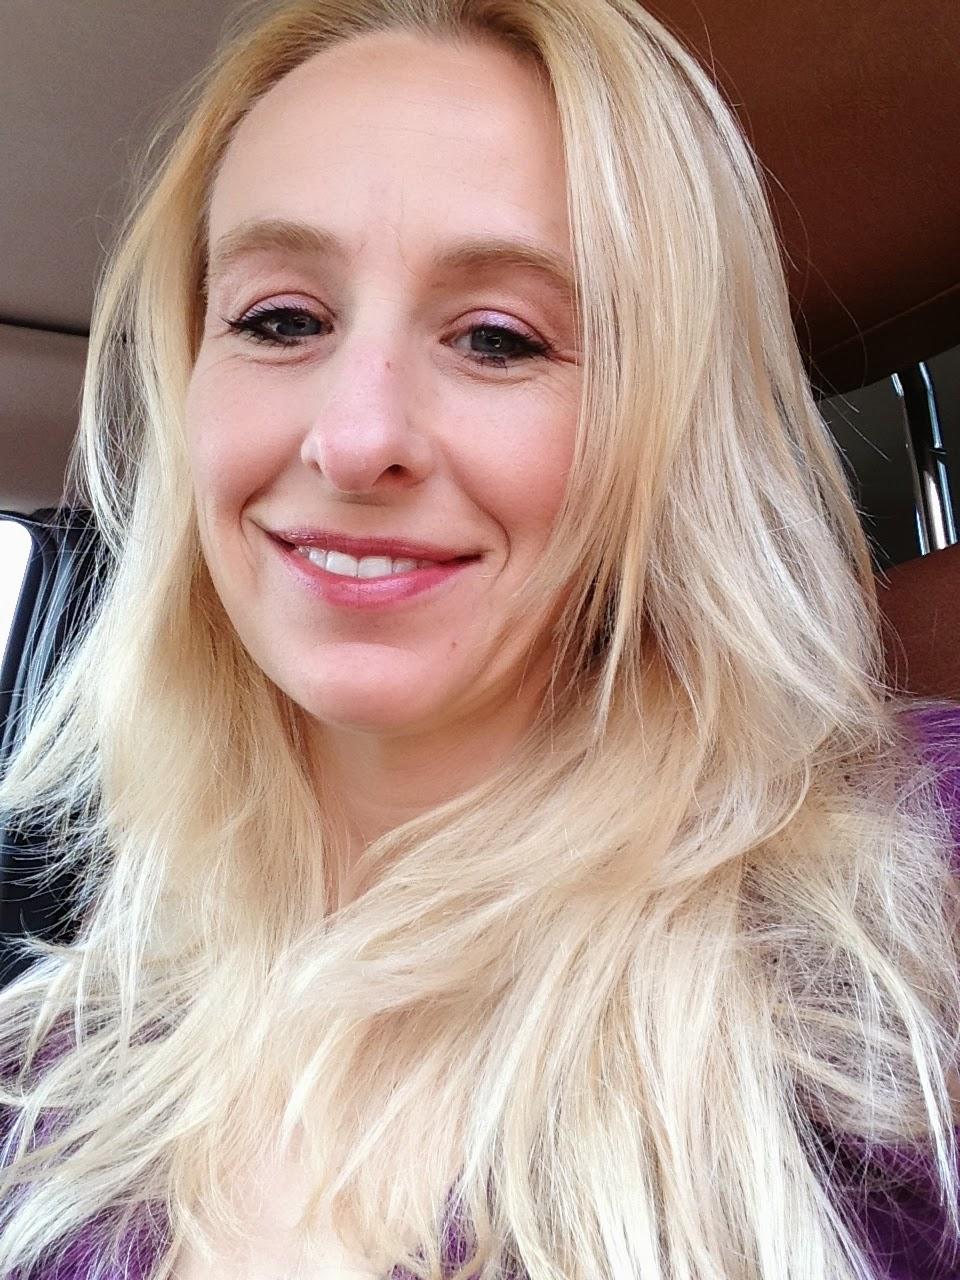 Psychic Medium Amanda Gatlin